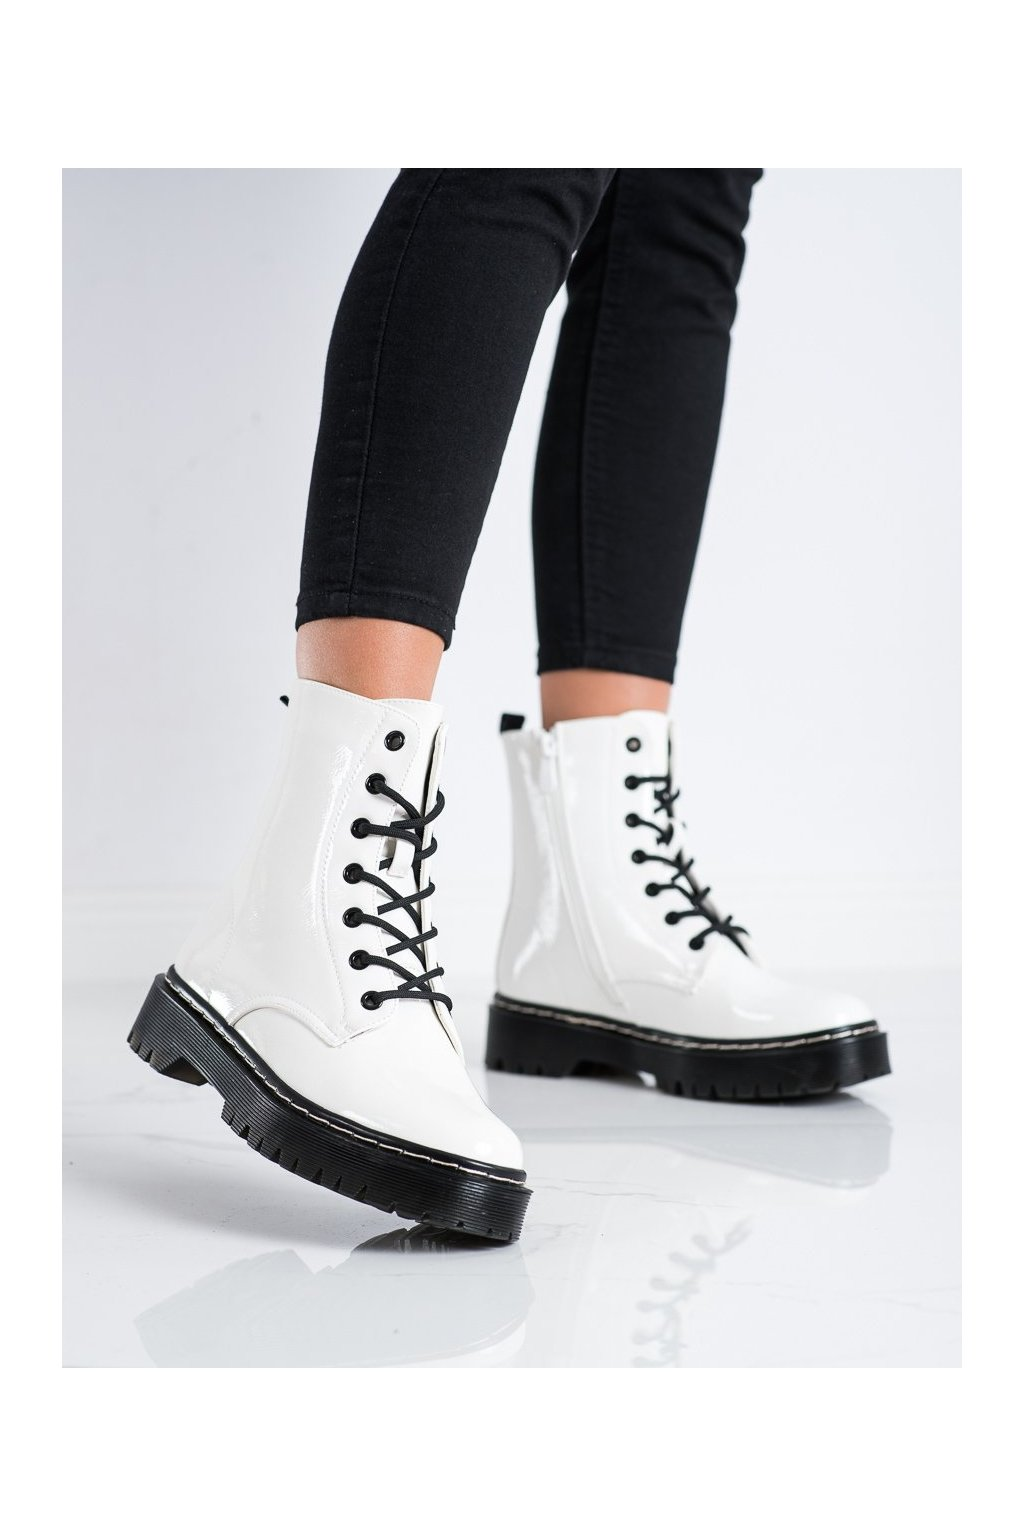 Biele dámske topánky S. barski kod 56W